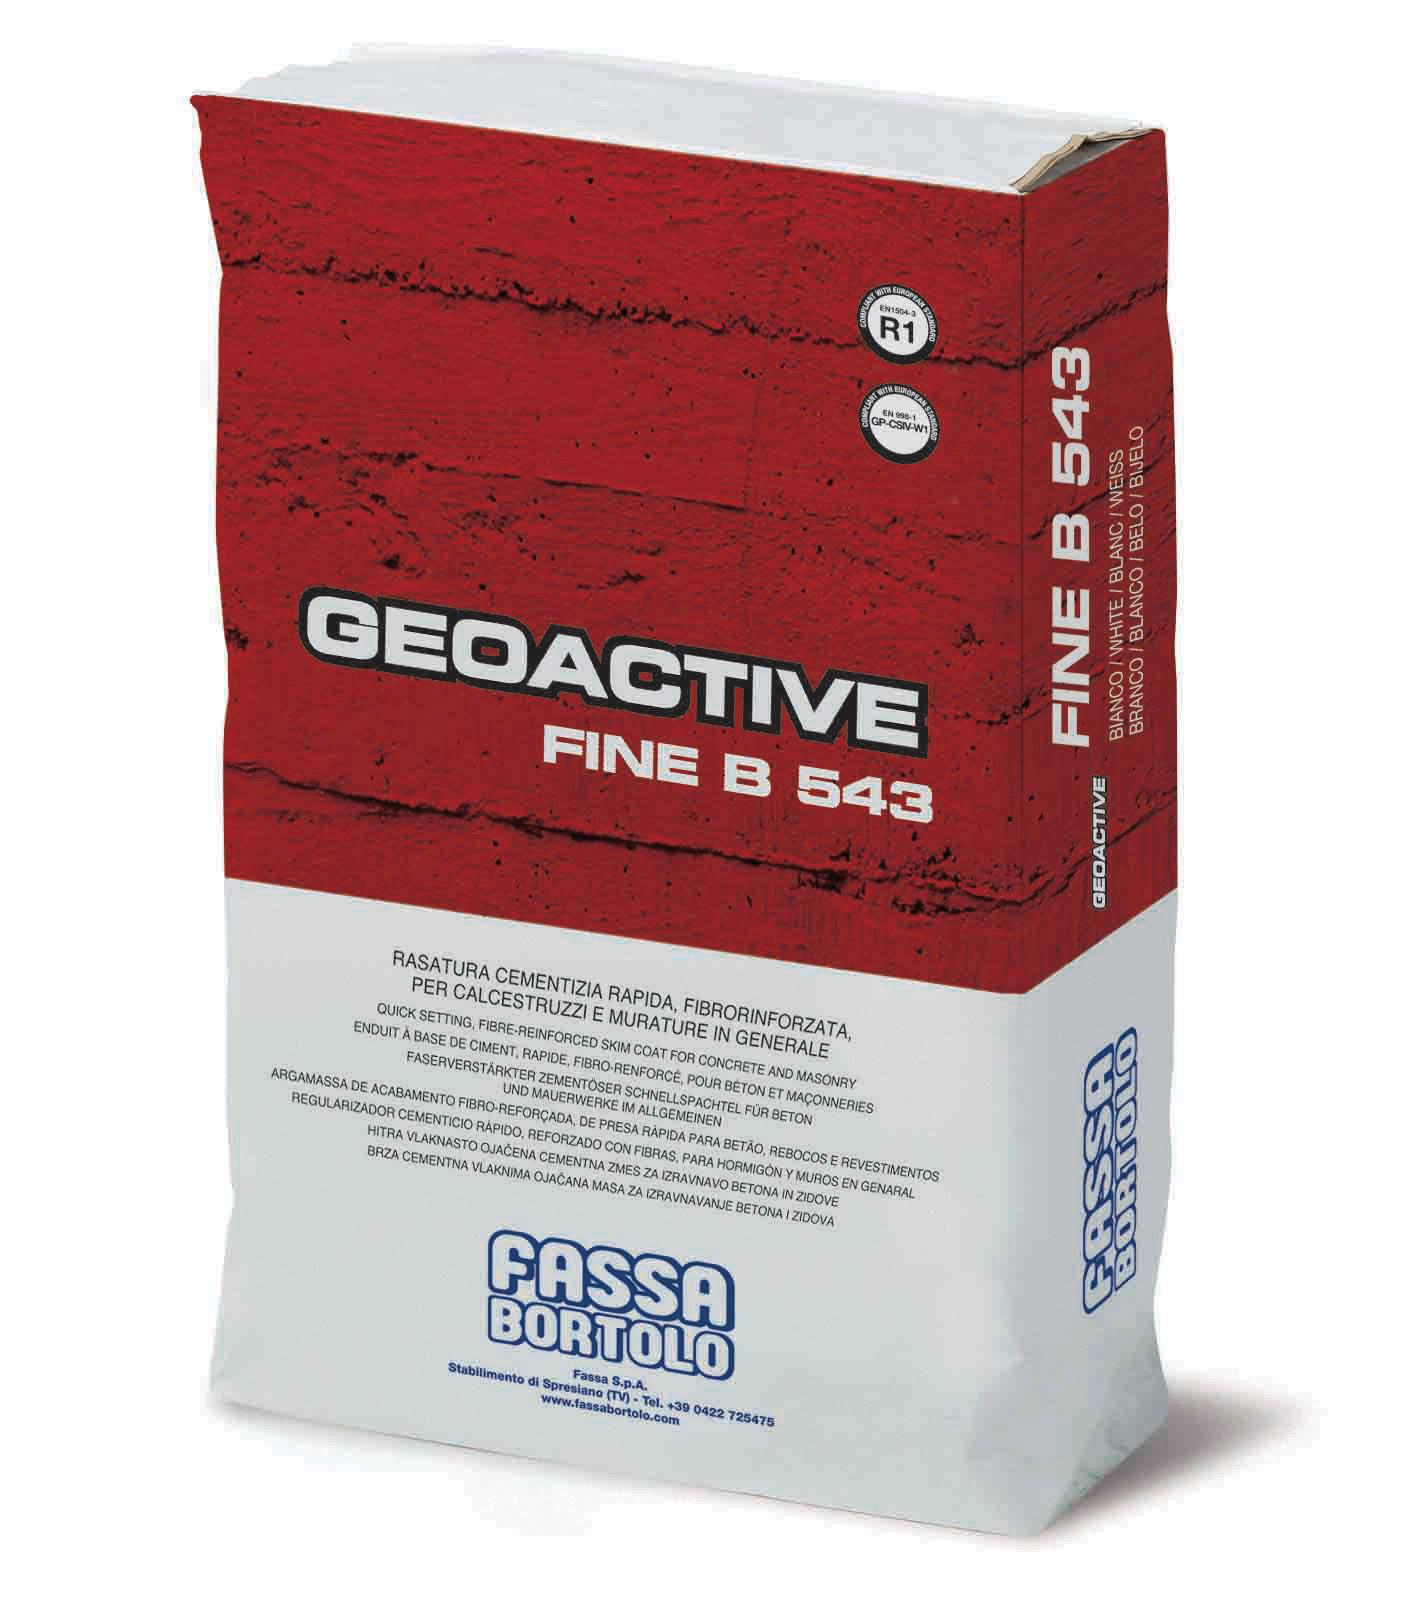 GEOACTIVE FINE B 543: Rasante cementizio rapido, fibrorinforzato, idrofugato, bianco e grigio per calcestruzzo, rivestimenti plastici e intonaci